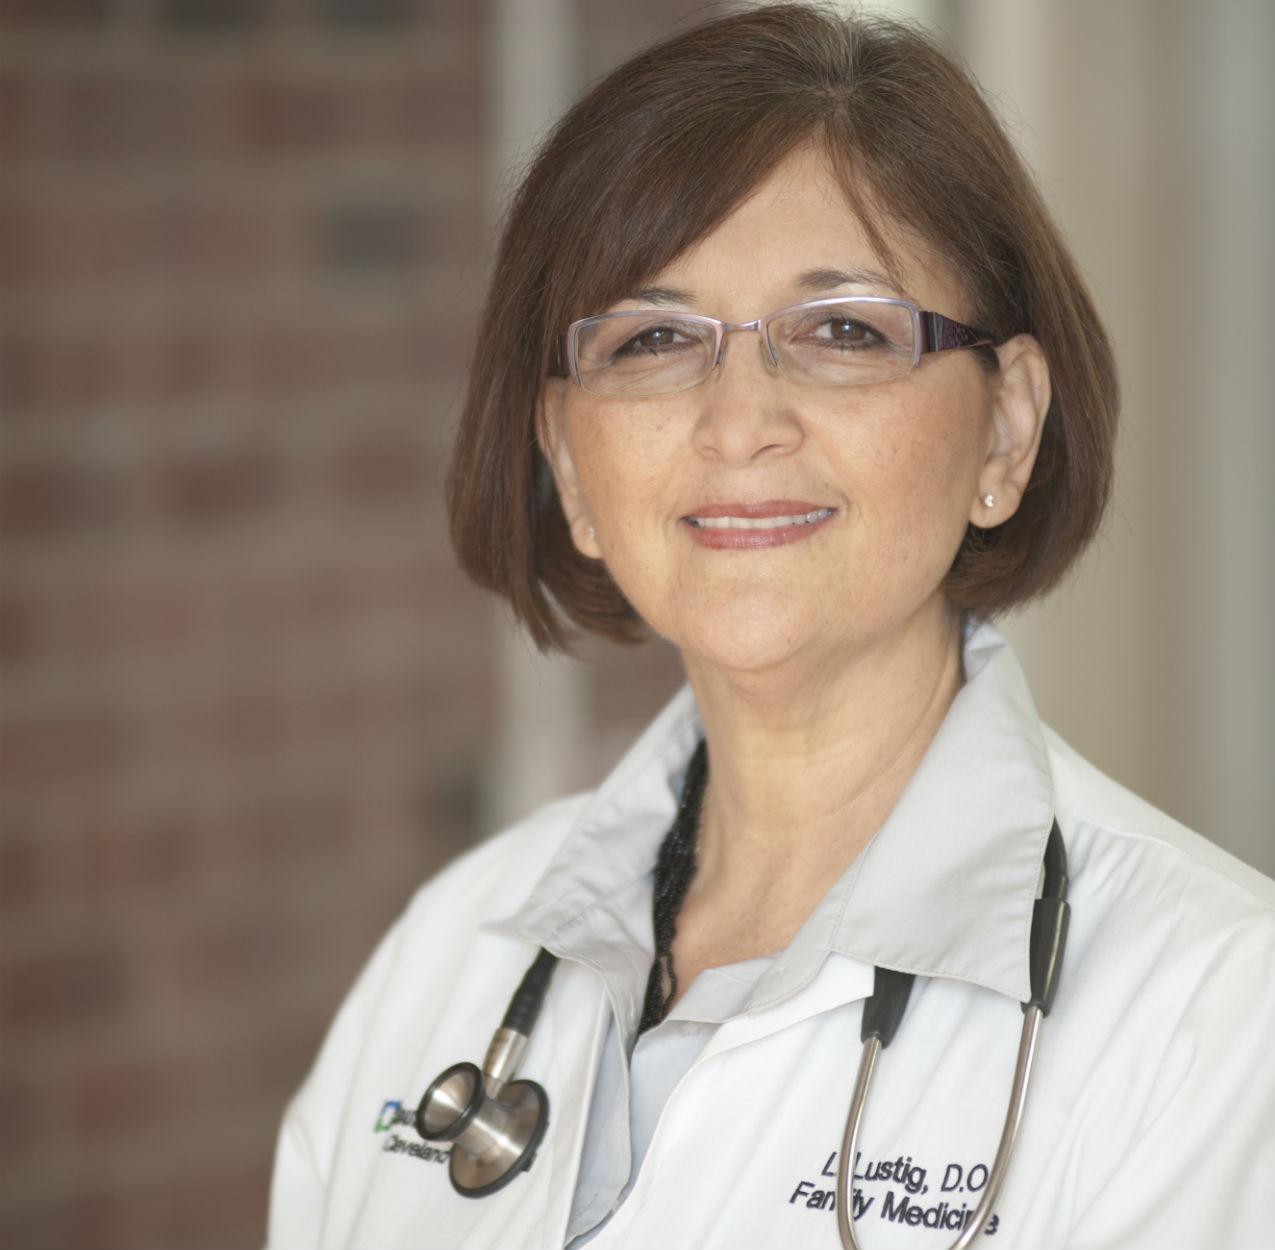 Dr. Lili A. Lustig